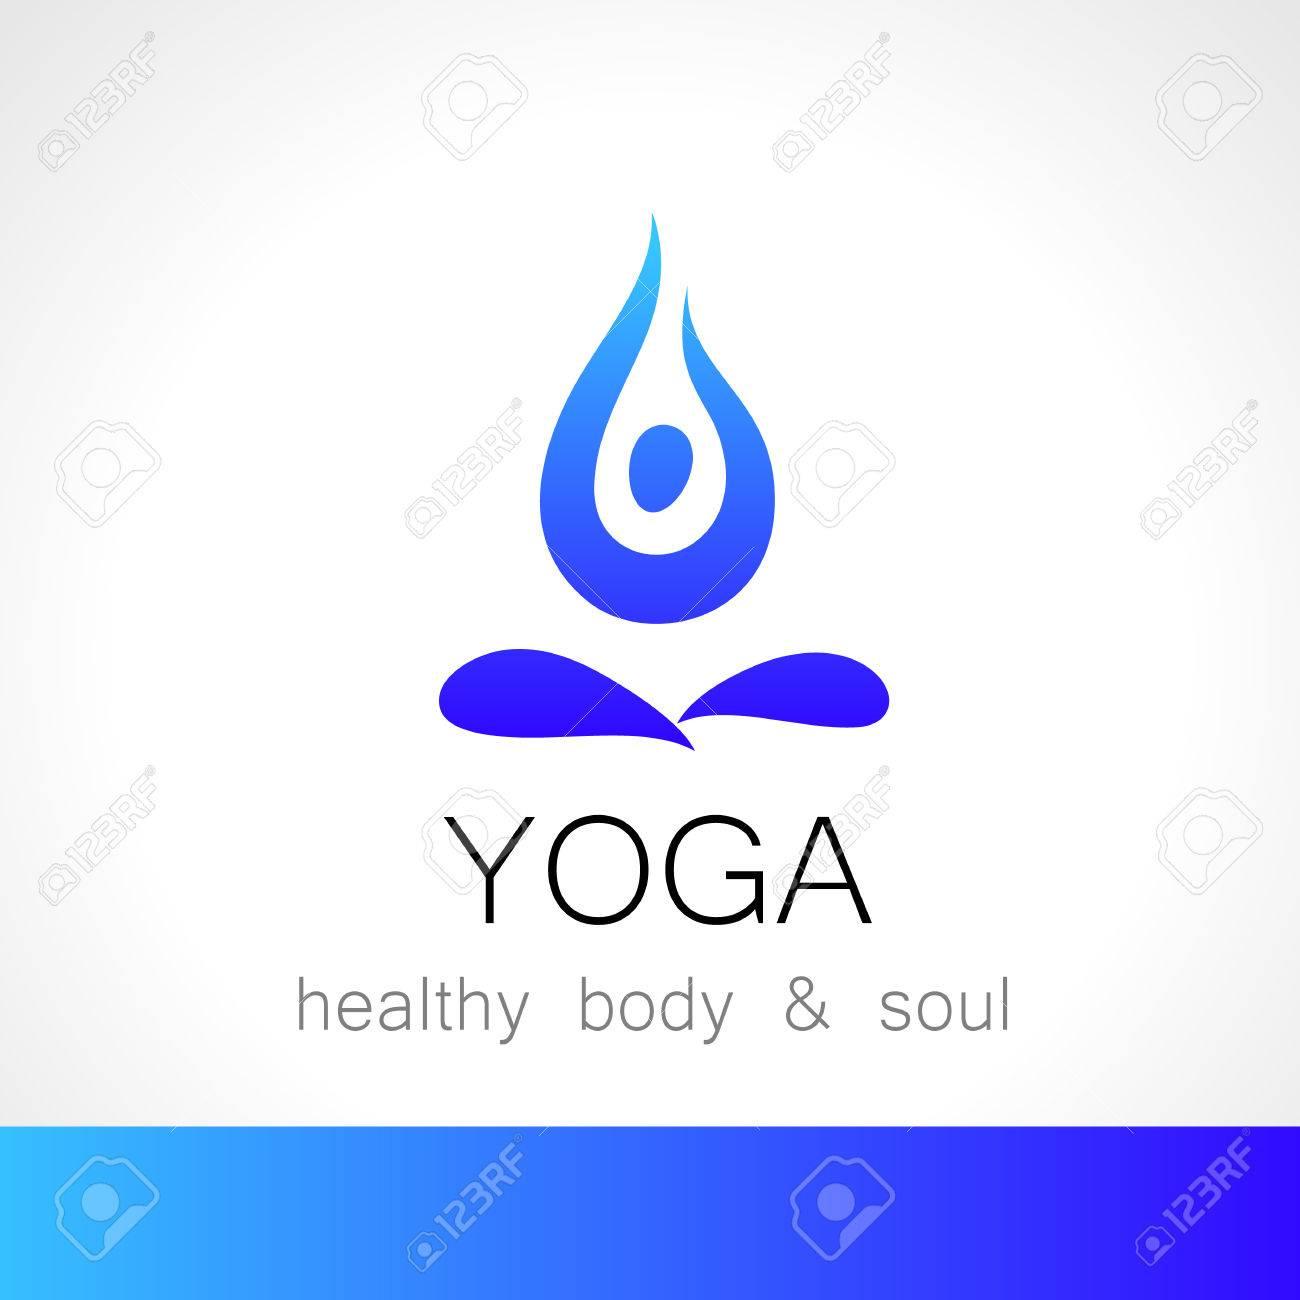 Yoga Logo - Plantilla De Diseño. Cuidado De La Salud, Belleza, Spa ...